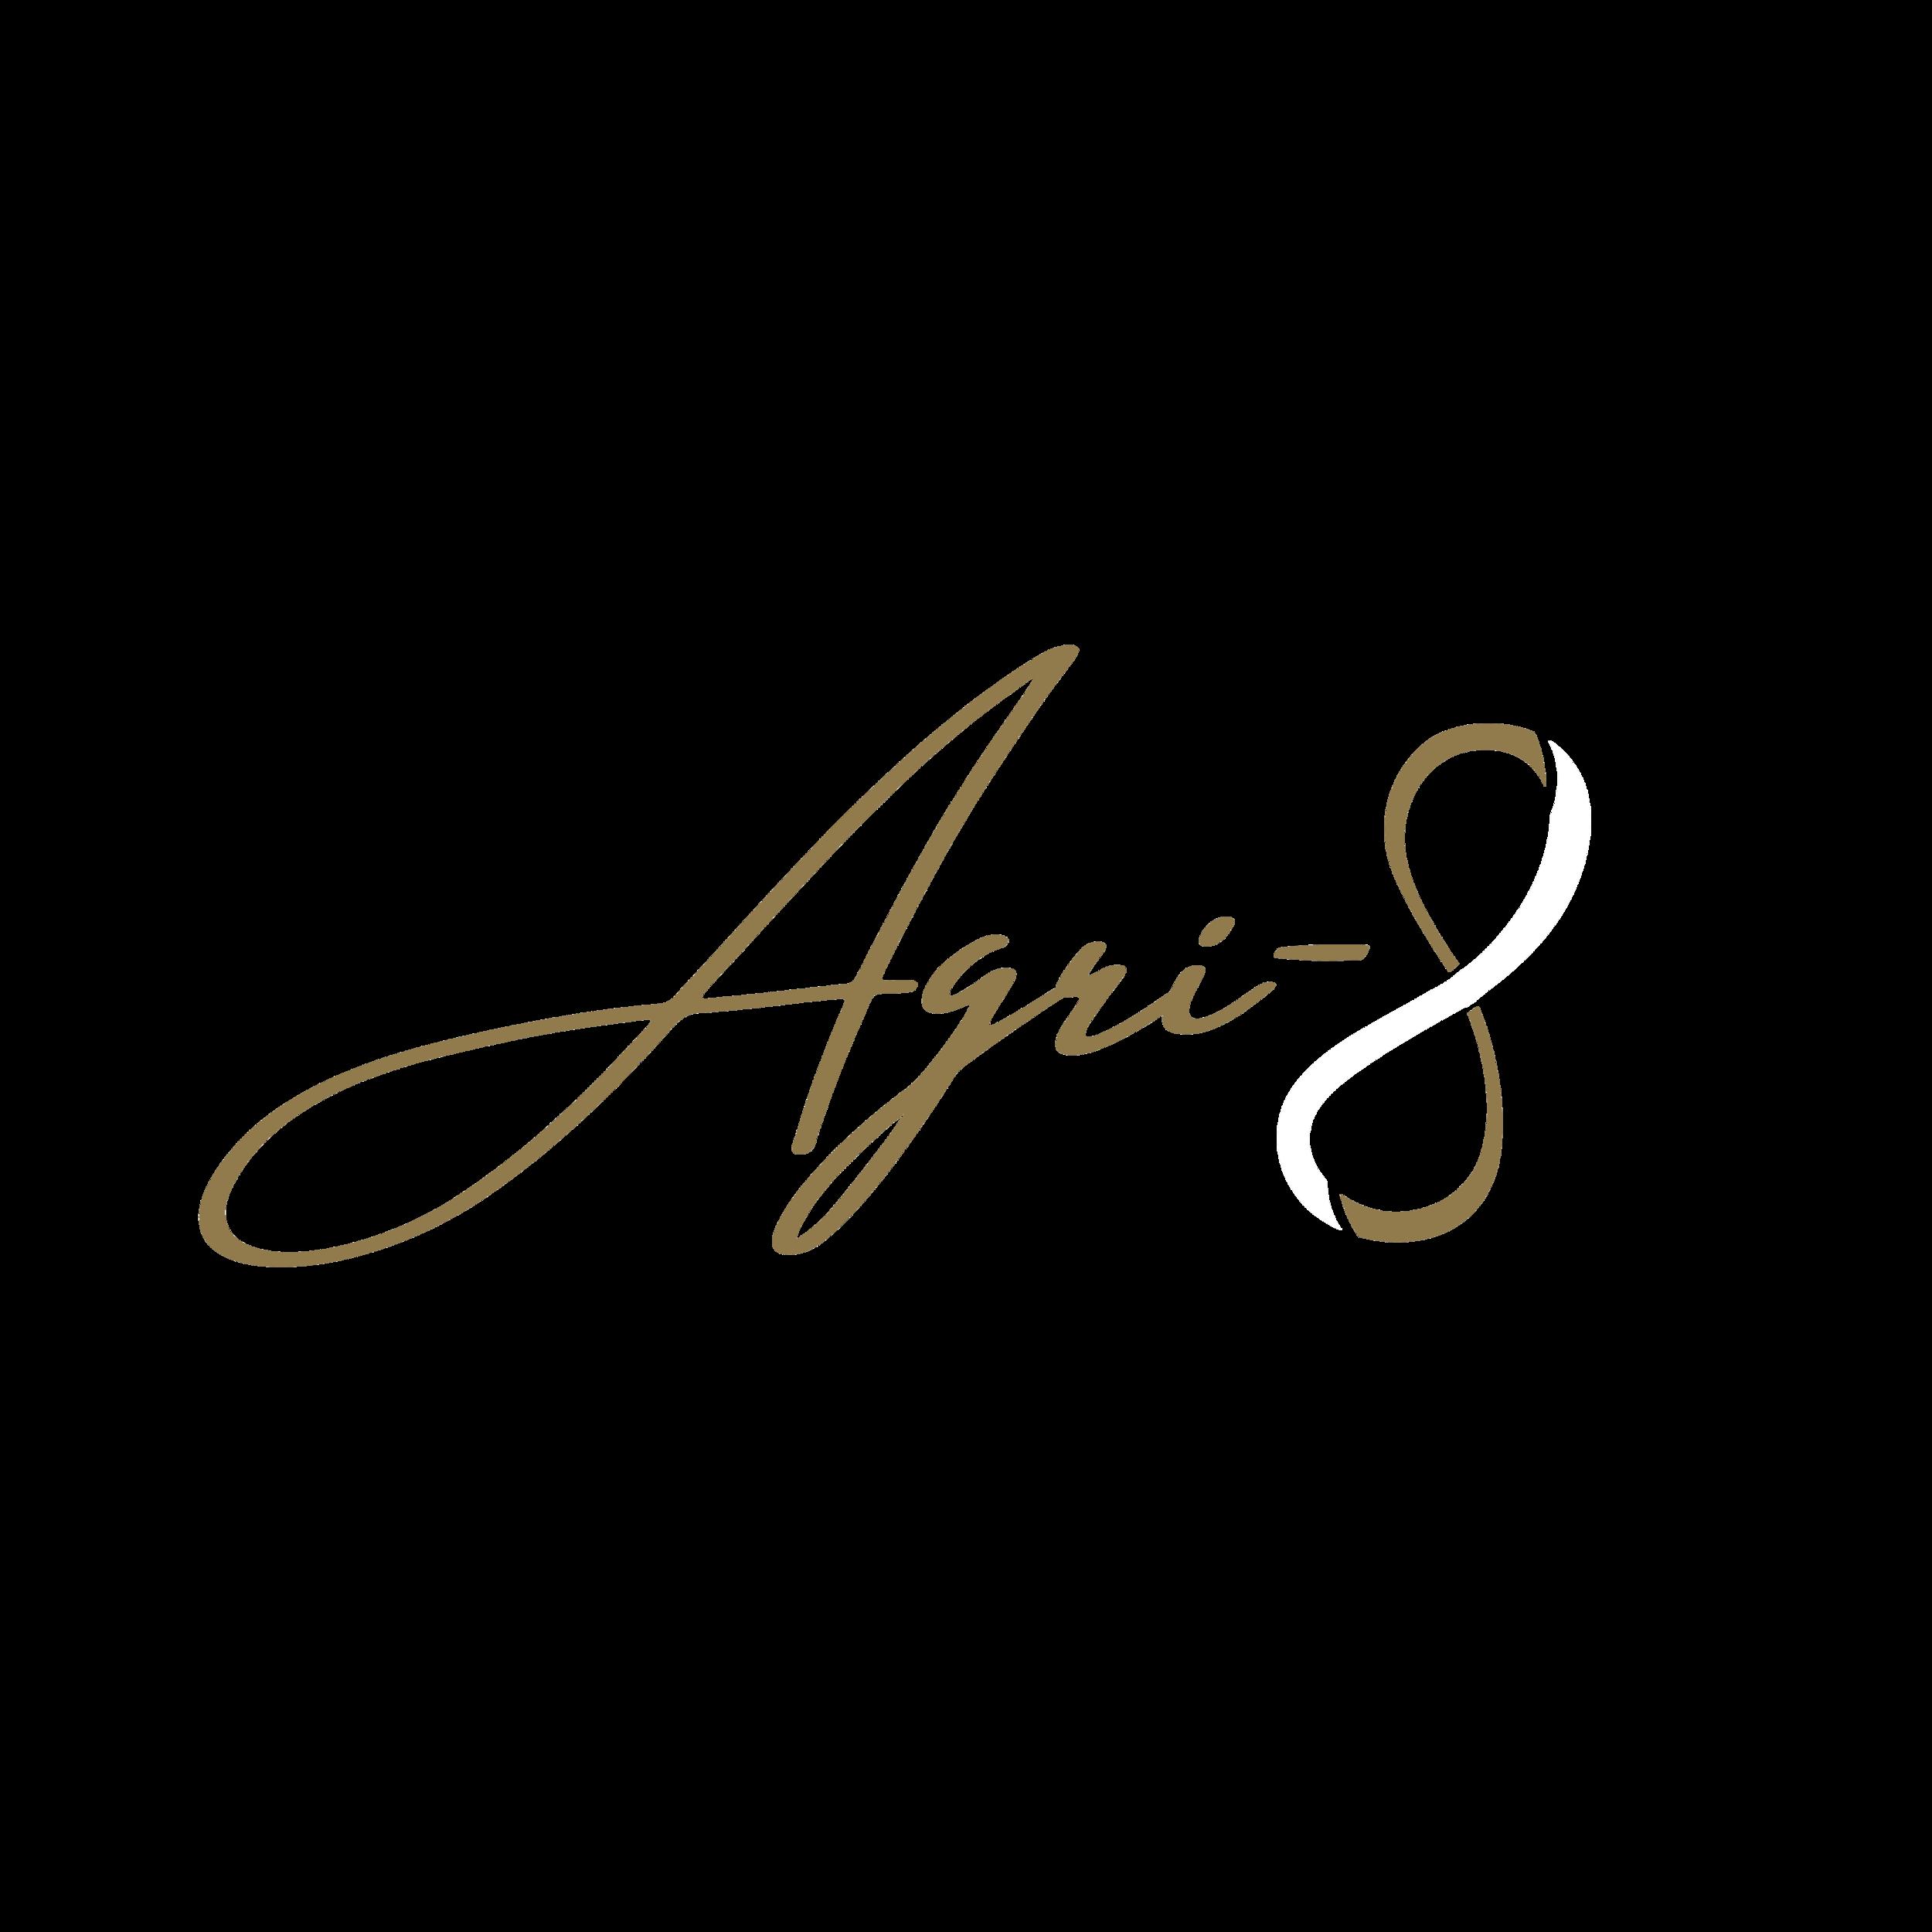 agri8.png